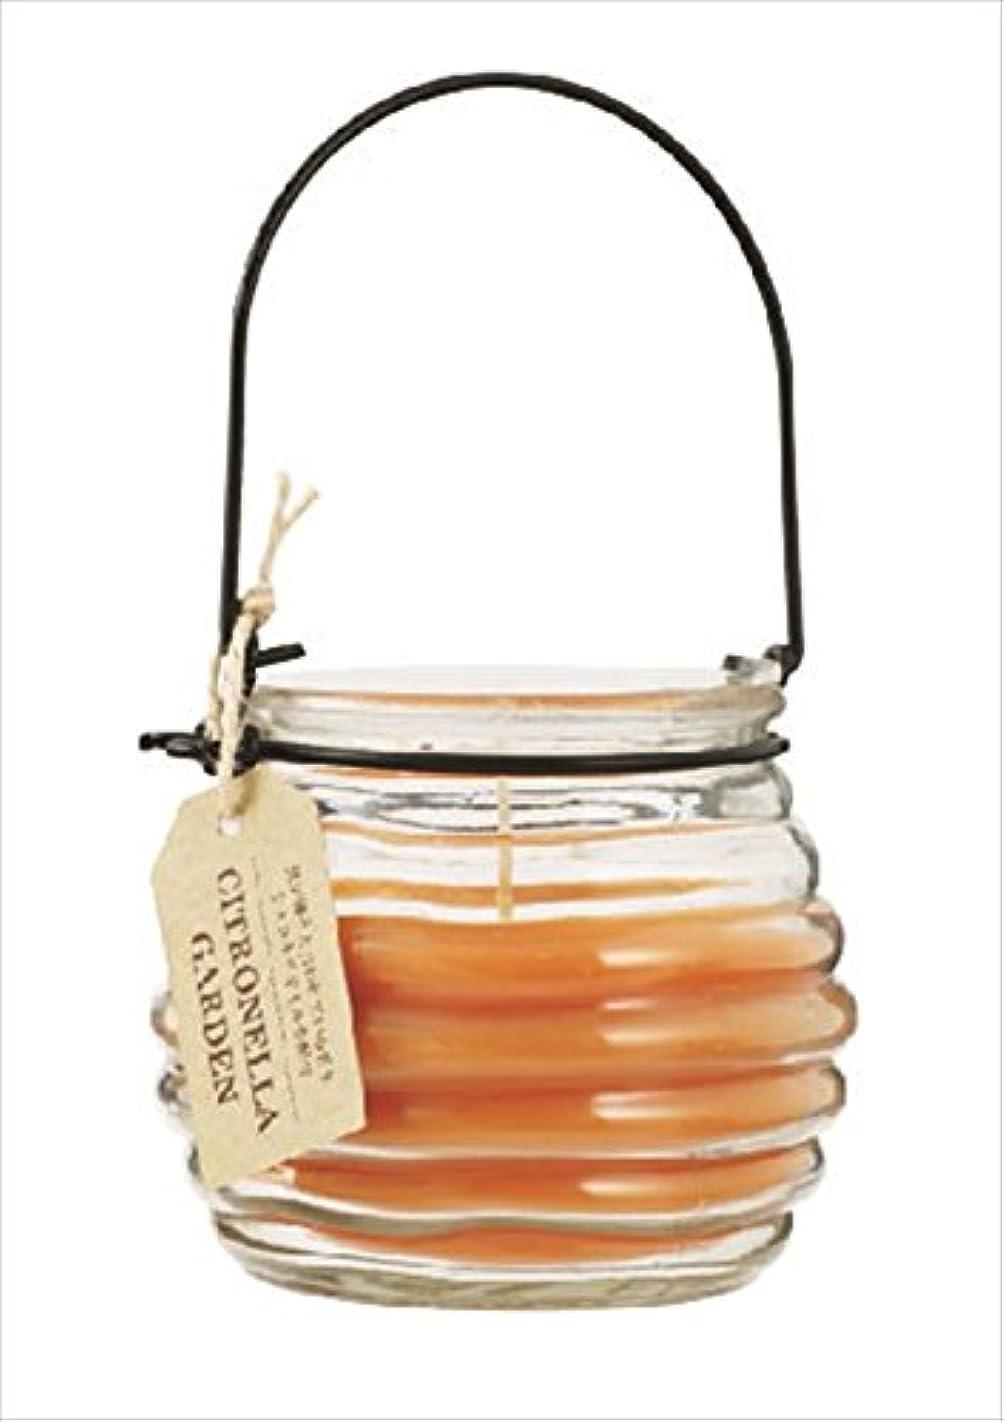 酸っぱいローマ人バイオレットカメヤマキャンドル(kameyama candle) シトロネラガーデンキャンドル A2080500